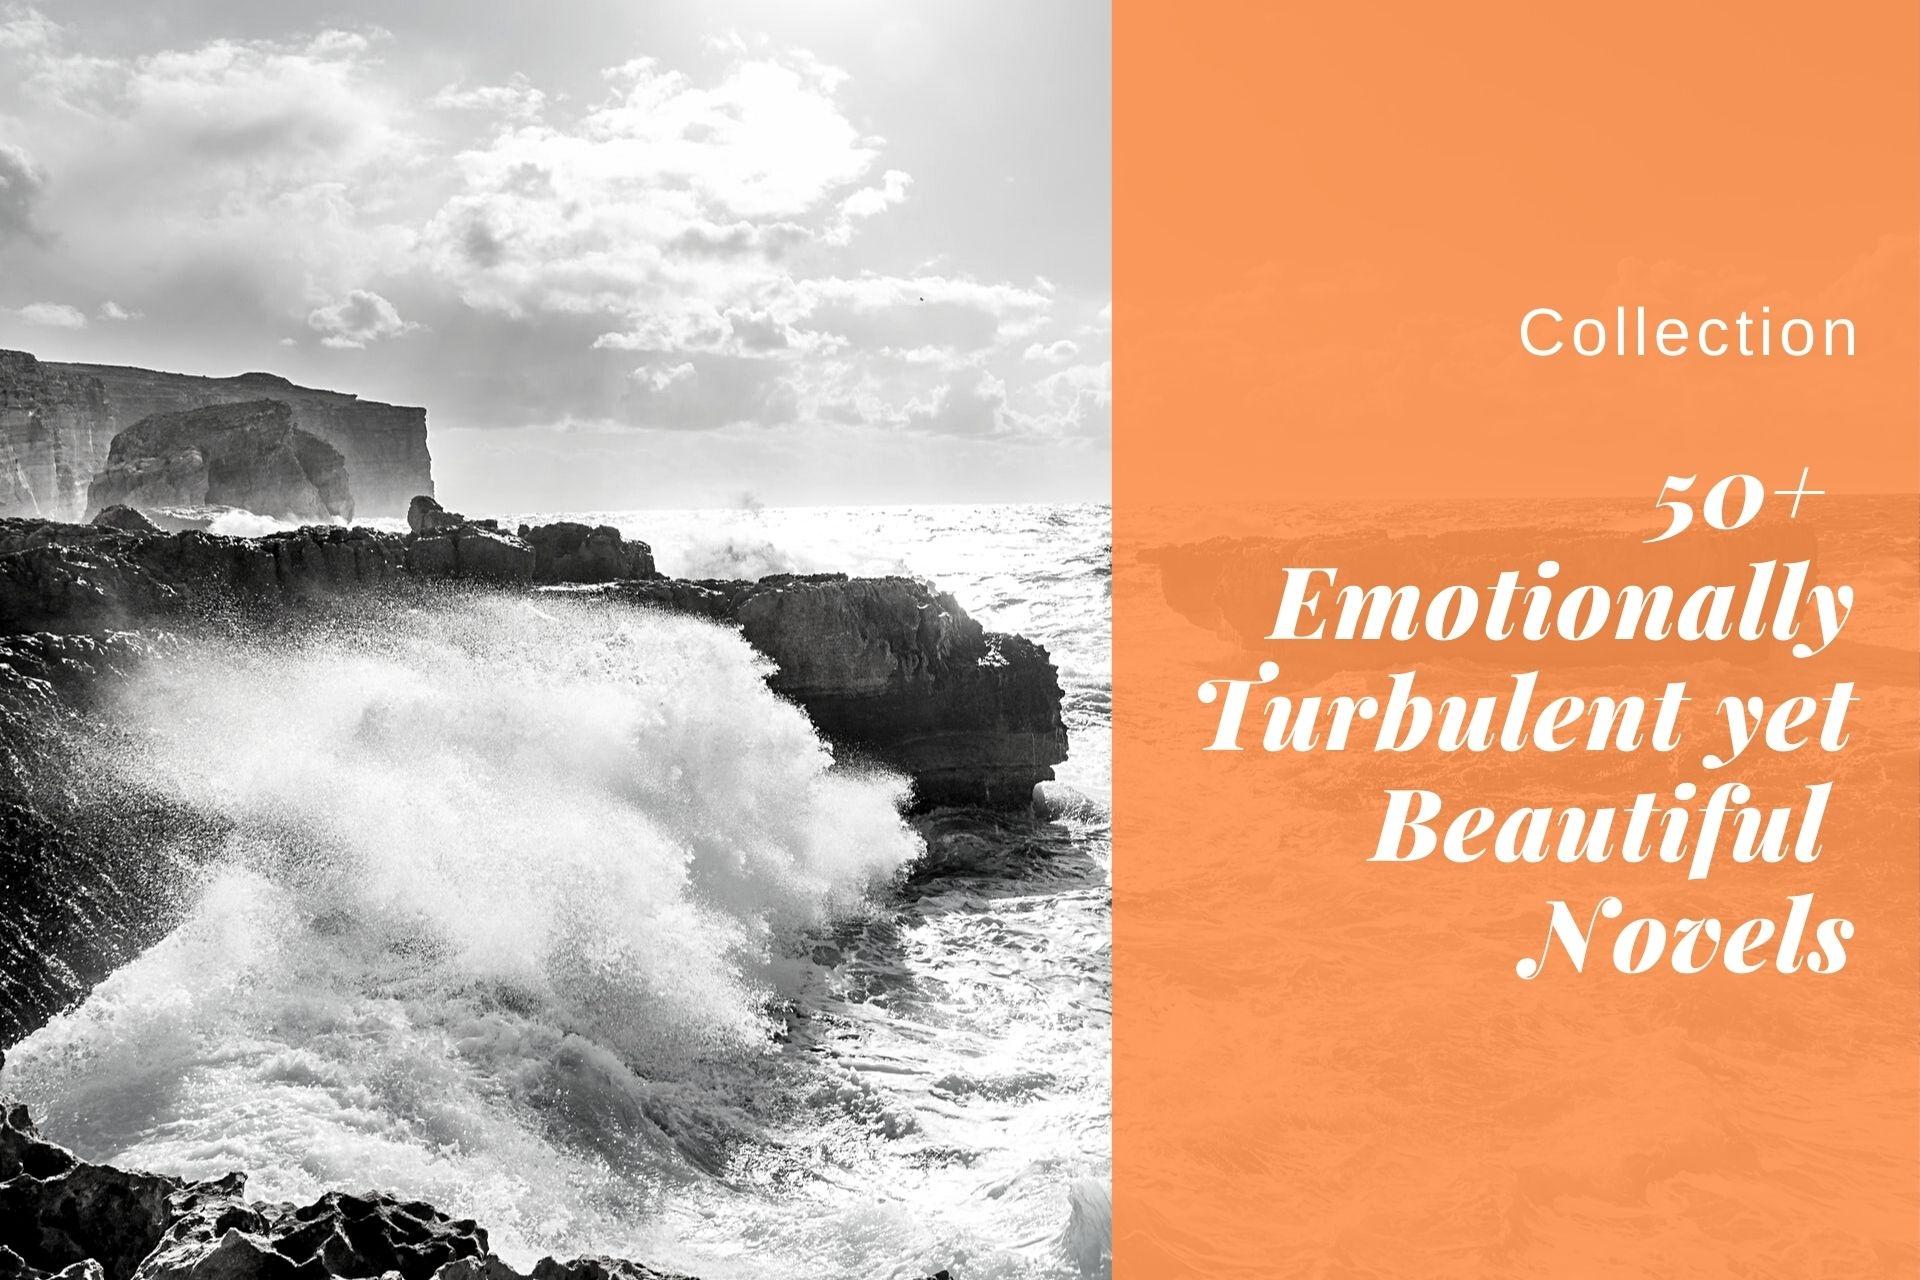 50+ Emotionally Turbulent yet Beautiful Novels